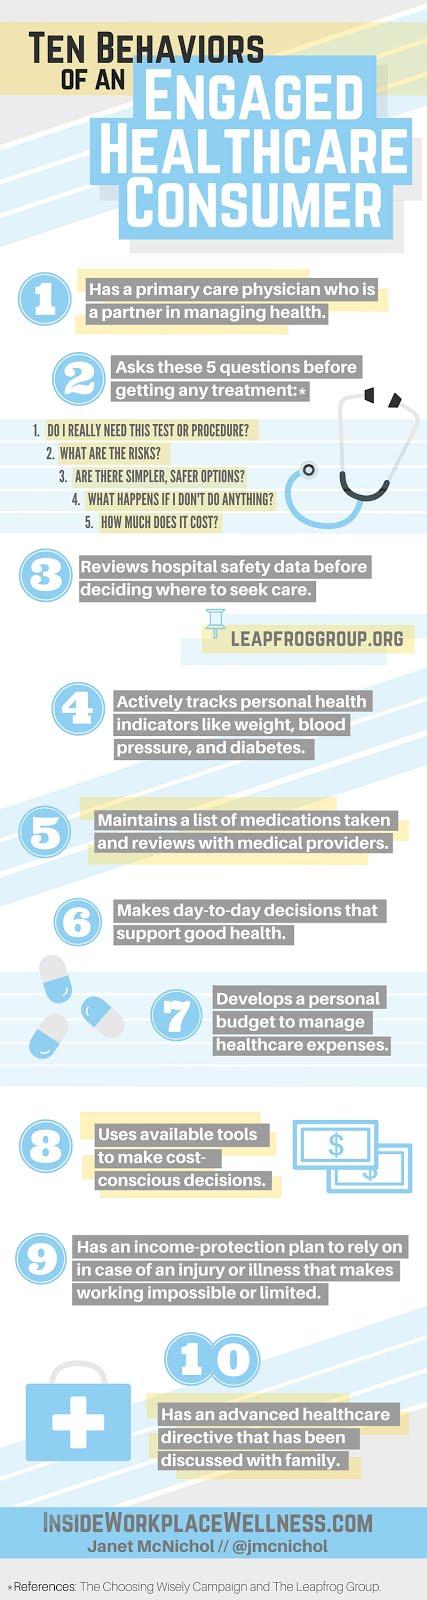 订婚的医疗保健消费者的十种行为